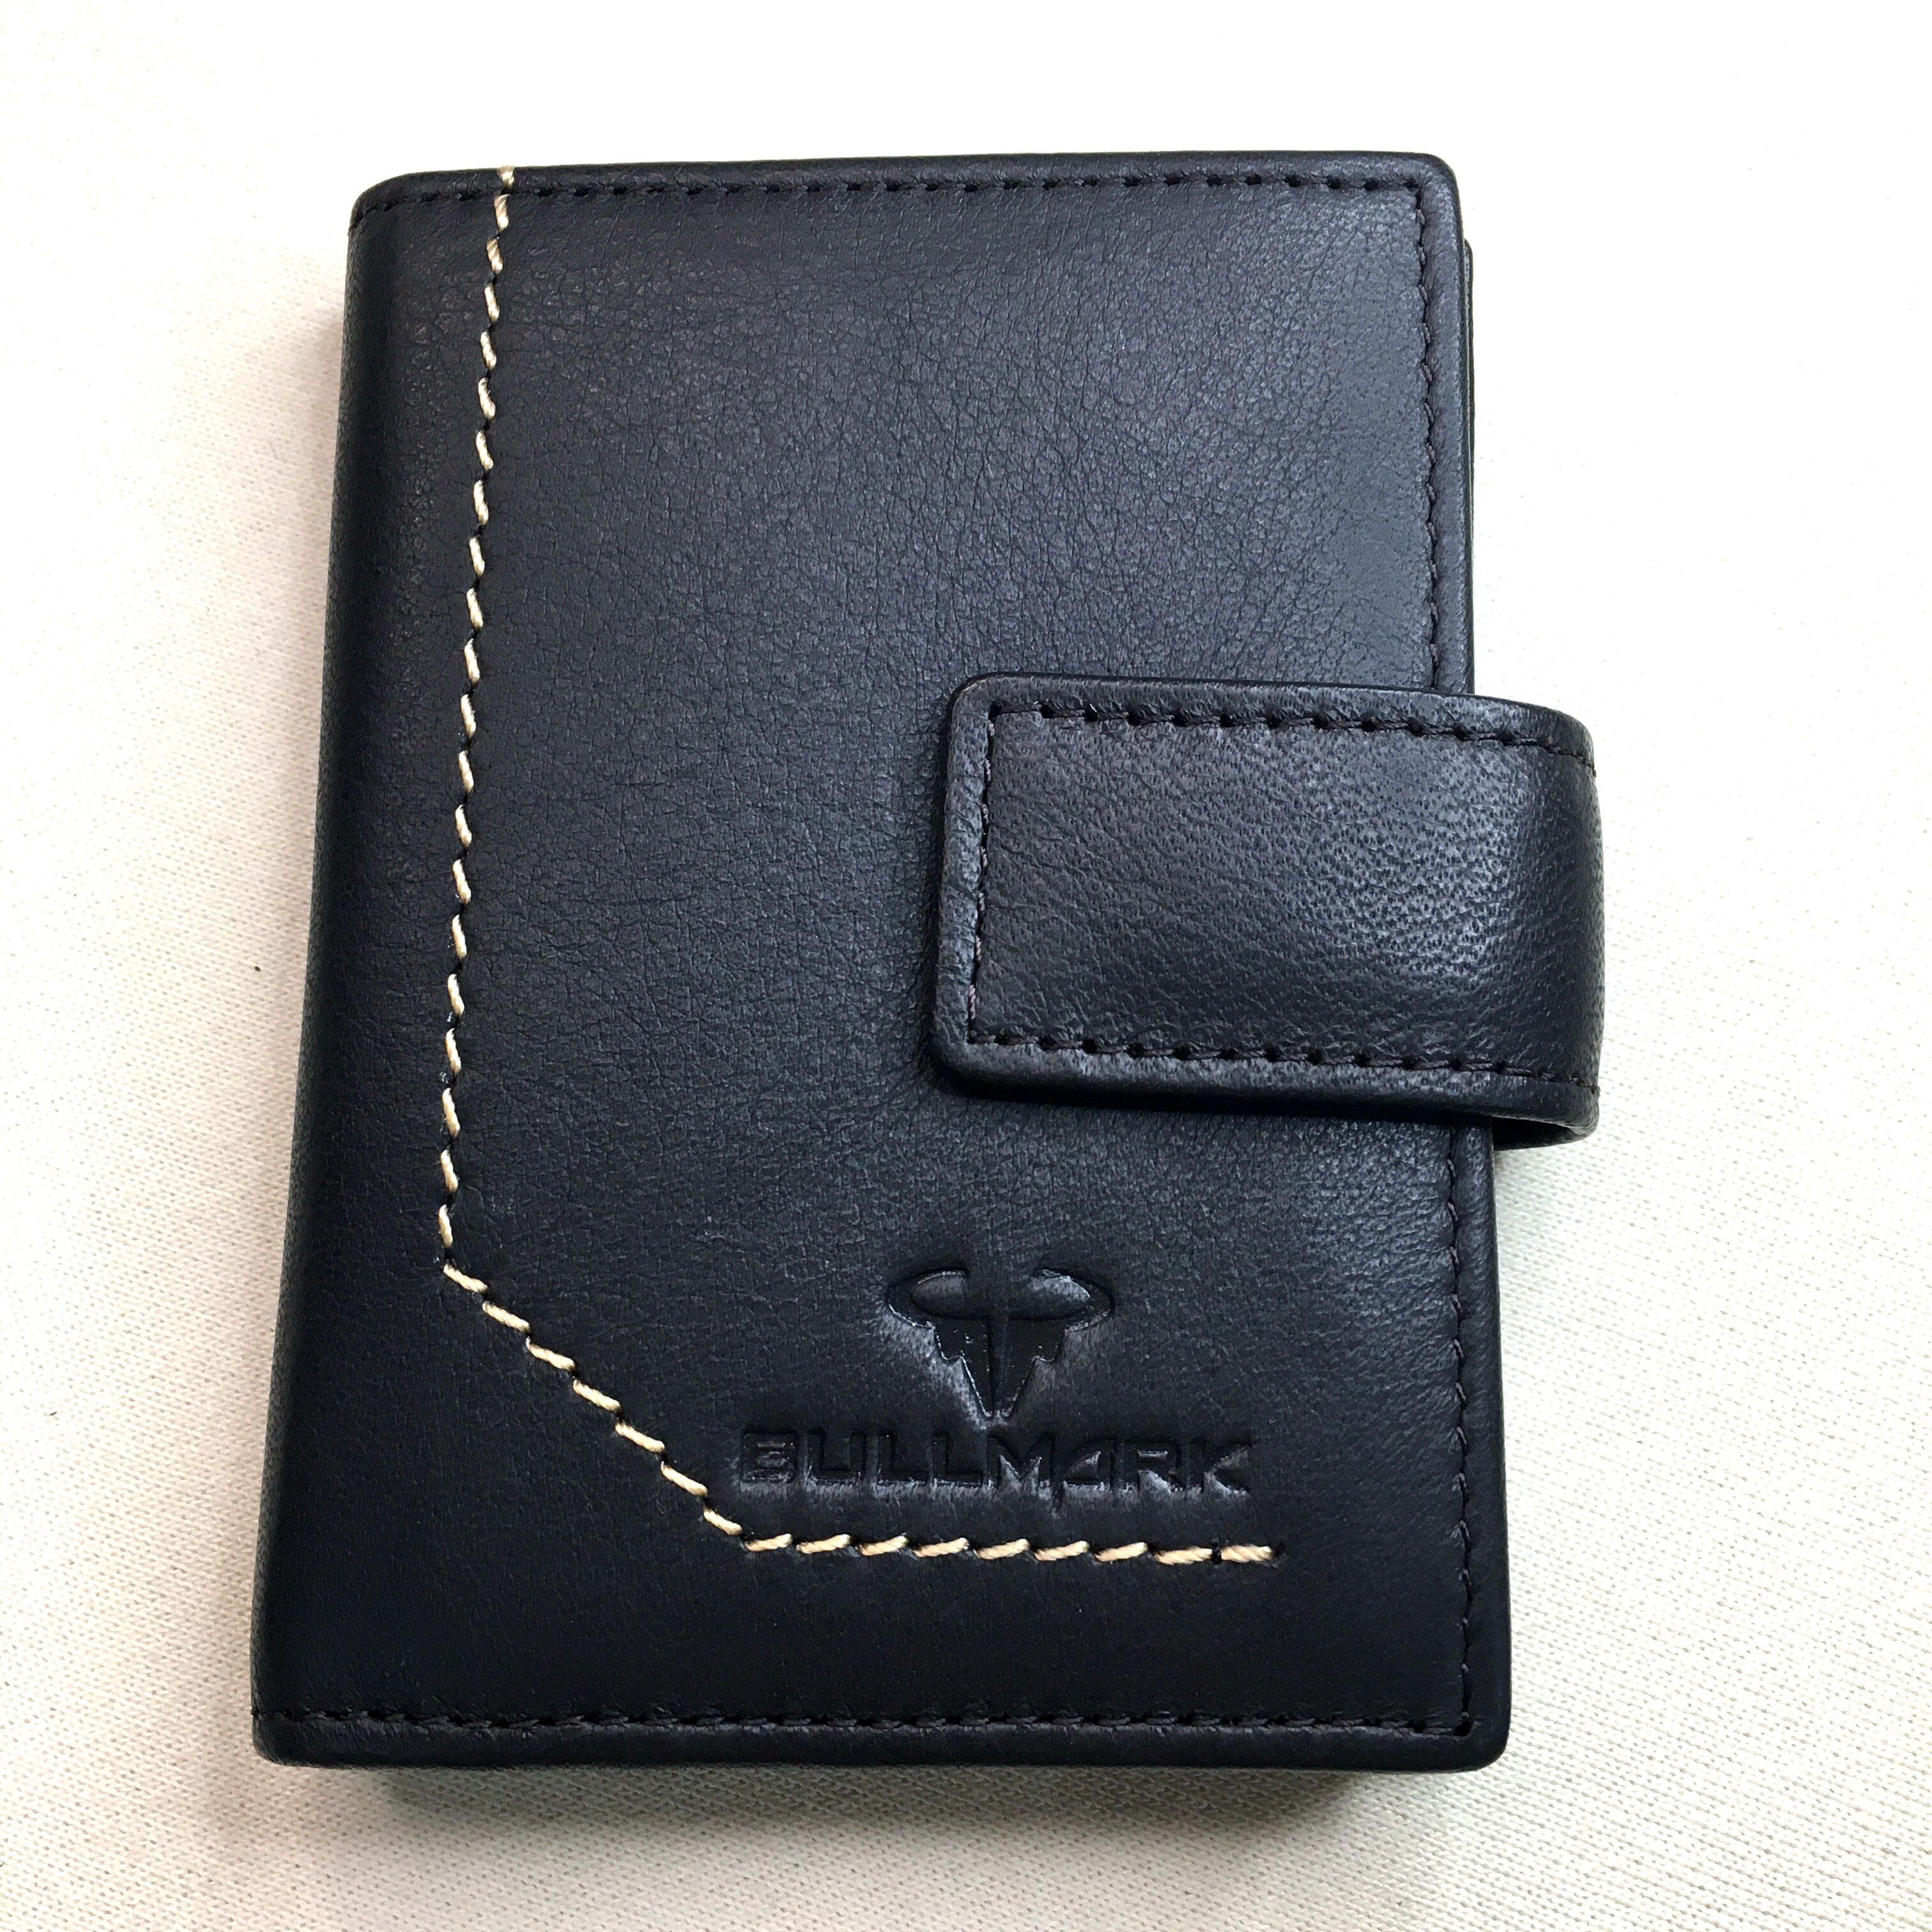 BULL MARK Genuine Cow Leather Name card holder BWGK80476